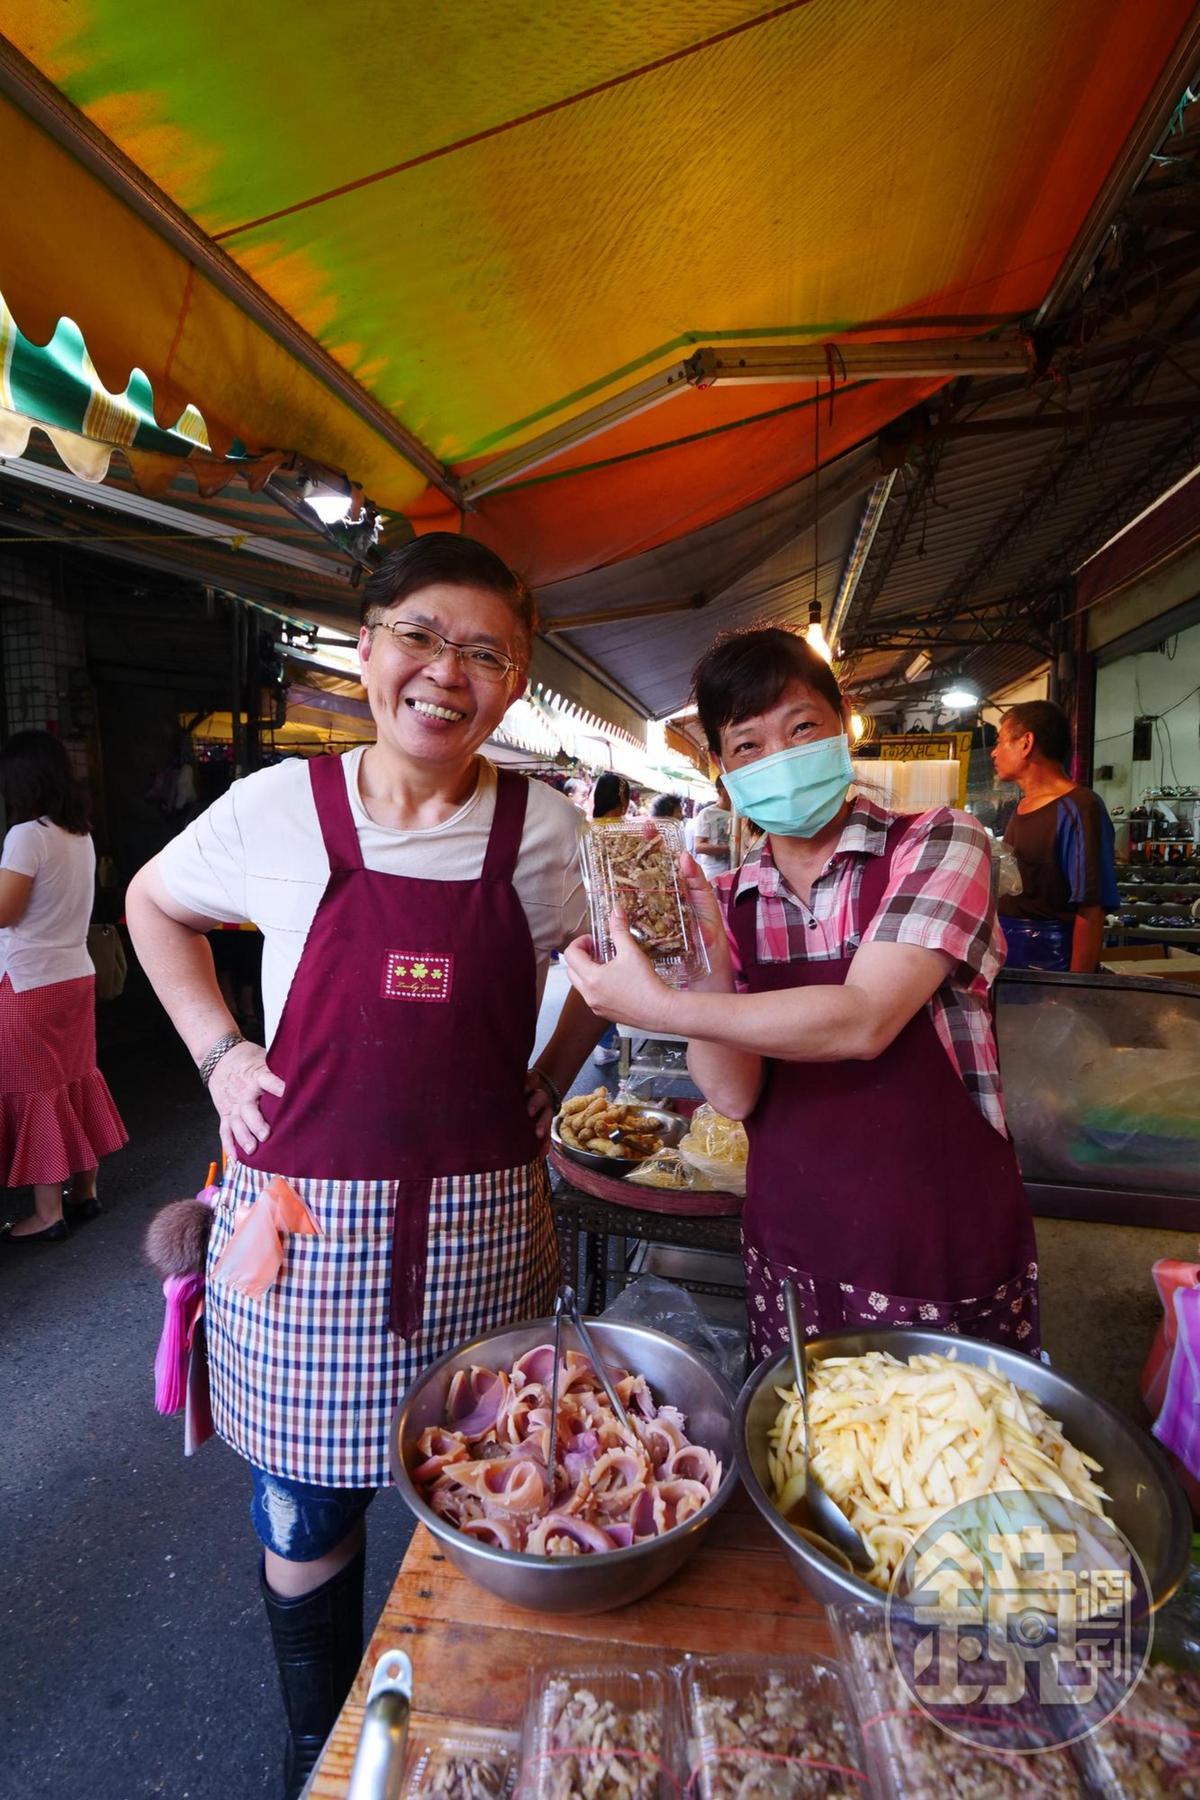 裕民街上賣芋粿、苦瓜、鯽魚等費工手工菜的熟食攤。